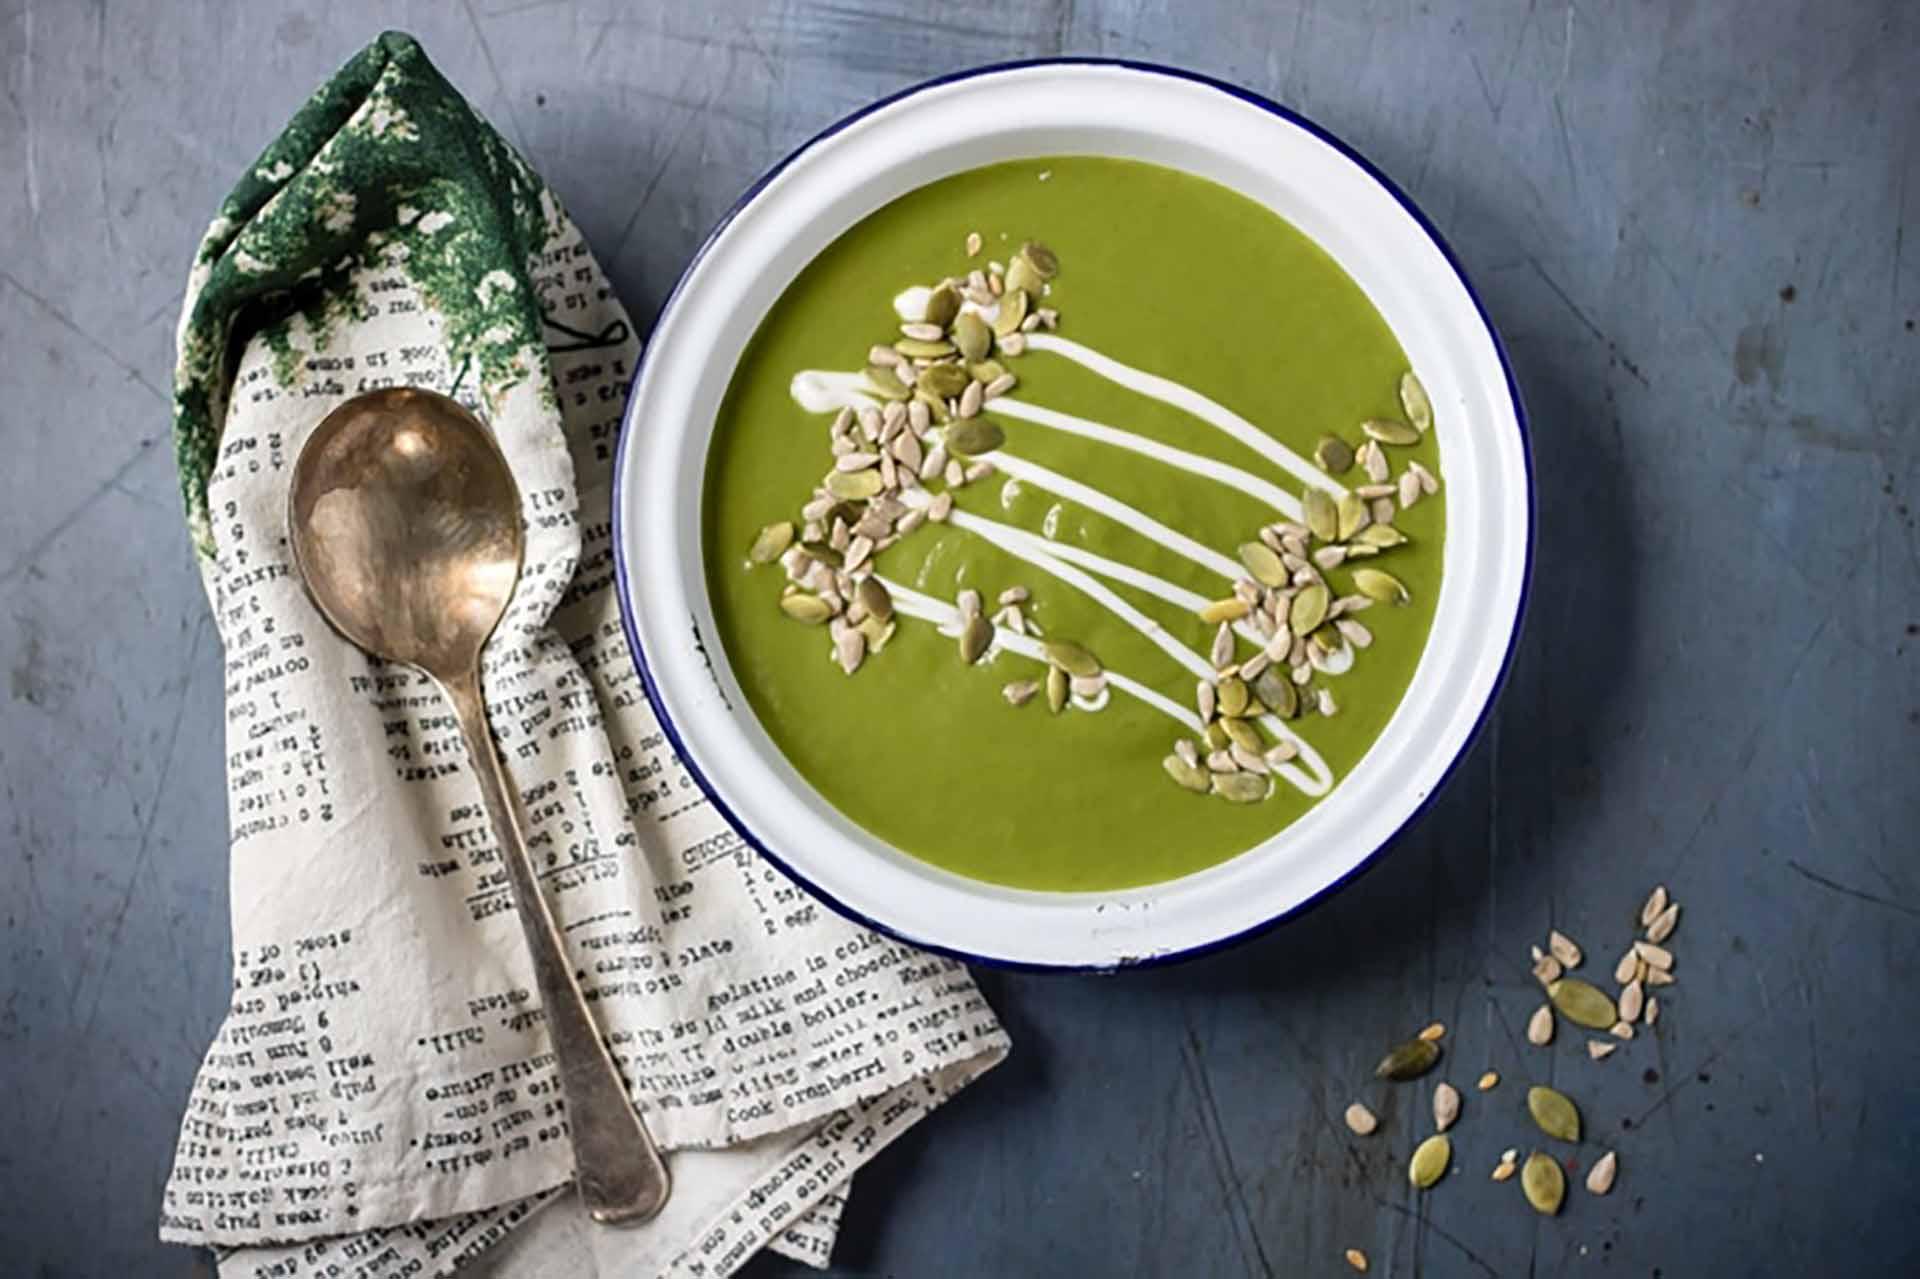 A bowl of kale soup